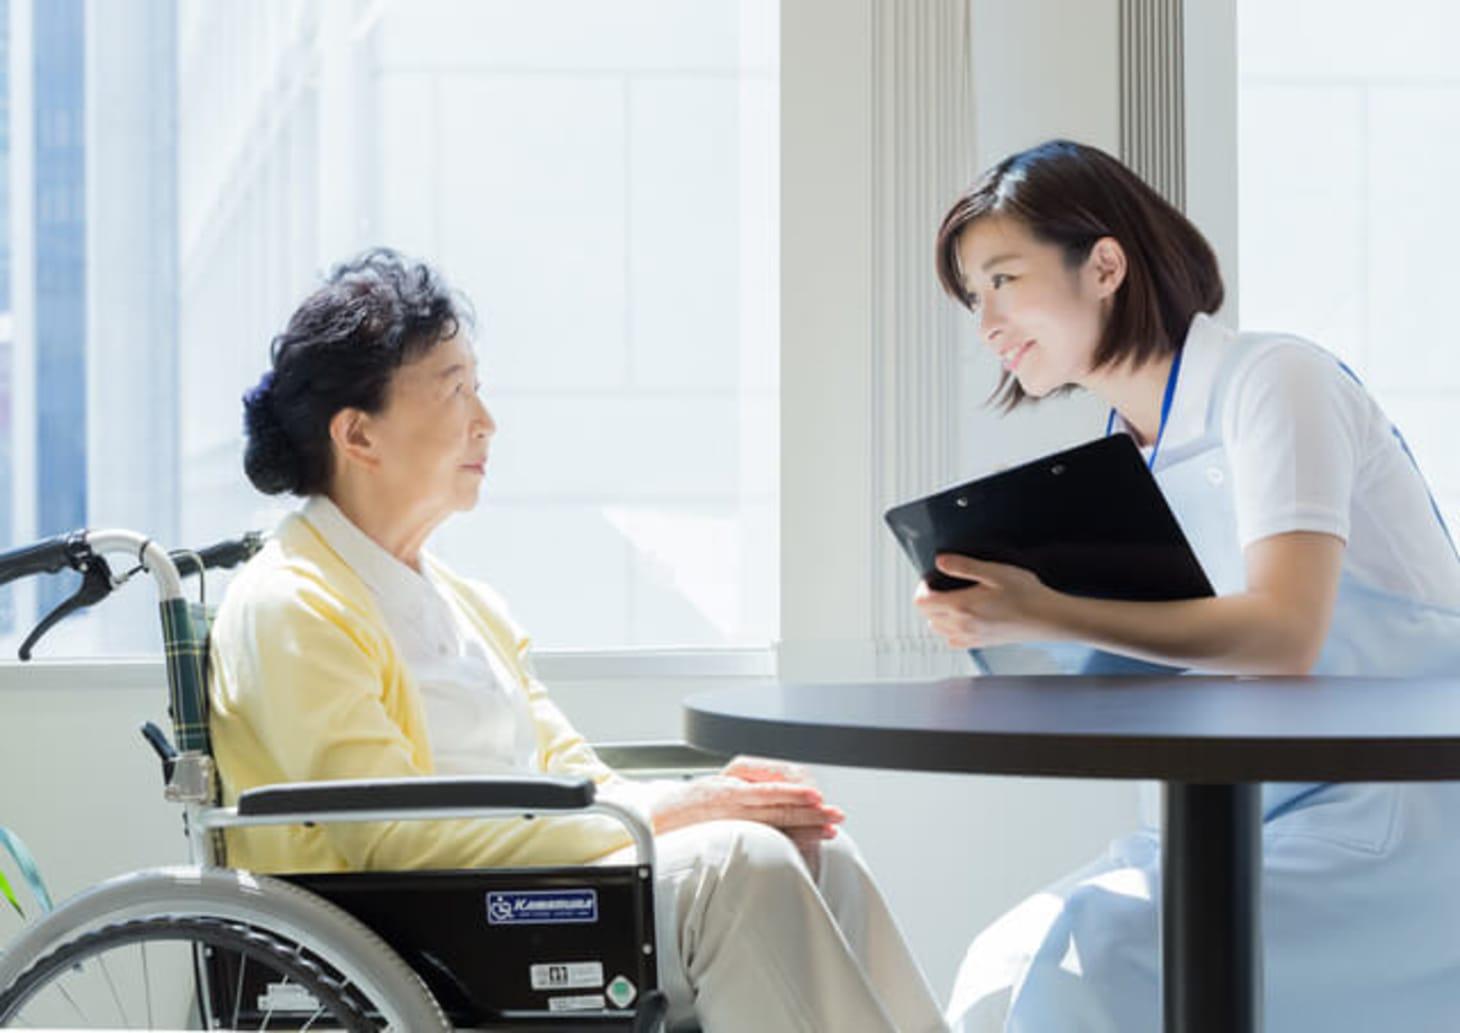 小規模多機能型居宅介護の管理者になるためには?